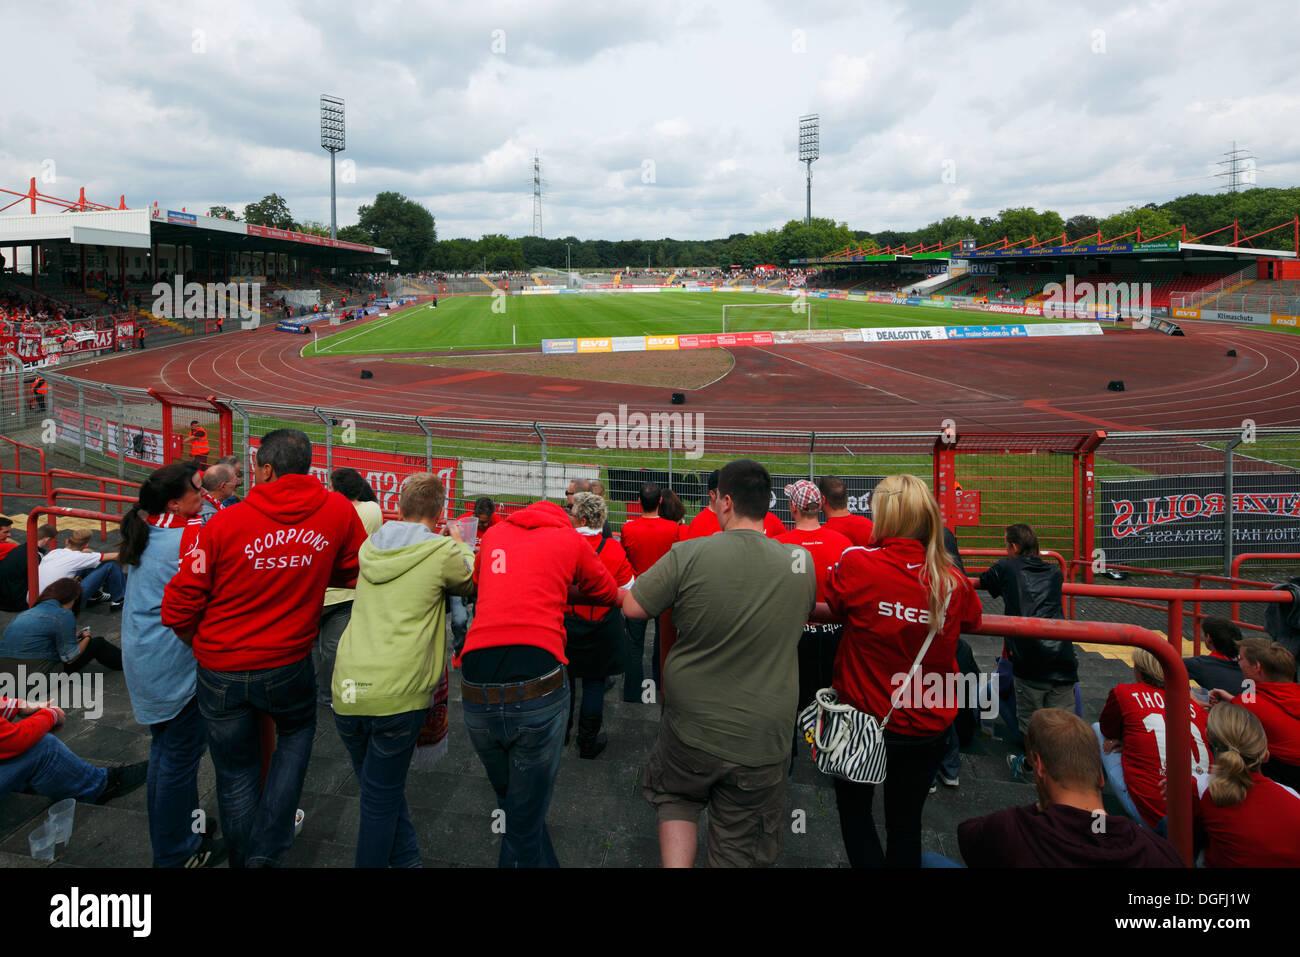 sports, football, Regional League West, 2013/2014, Rot Weiss Oberhausen versus Rot Weiss Essen 2:0, Stadium Niederrhein in Oberhausen, stadium view, football fans of RW Essen - Stock Image